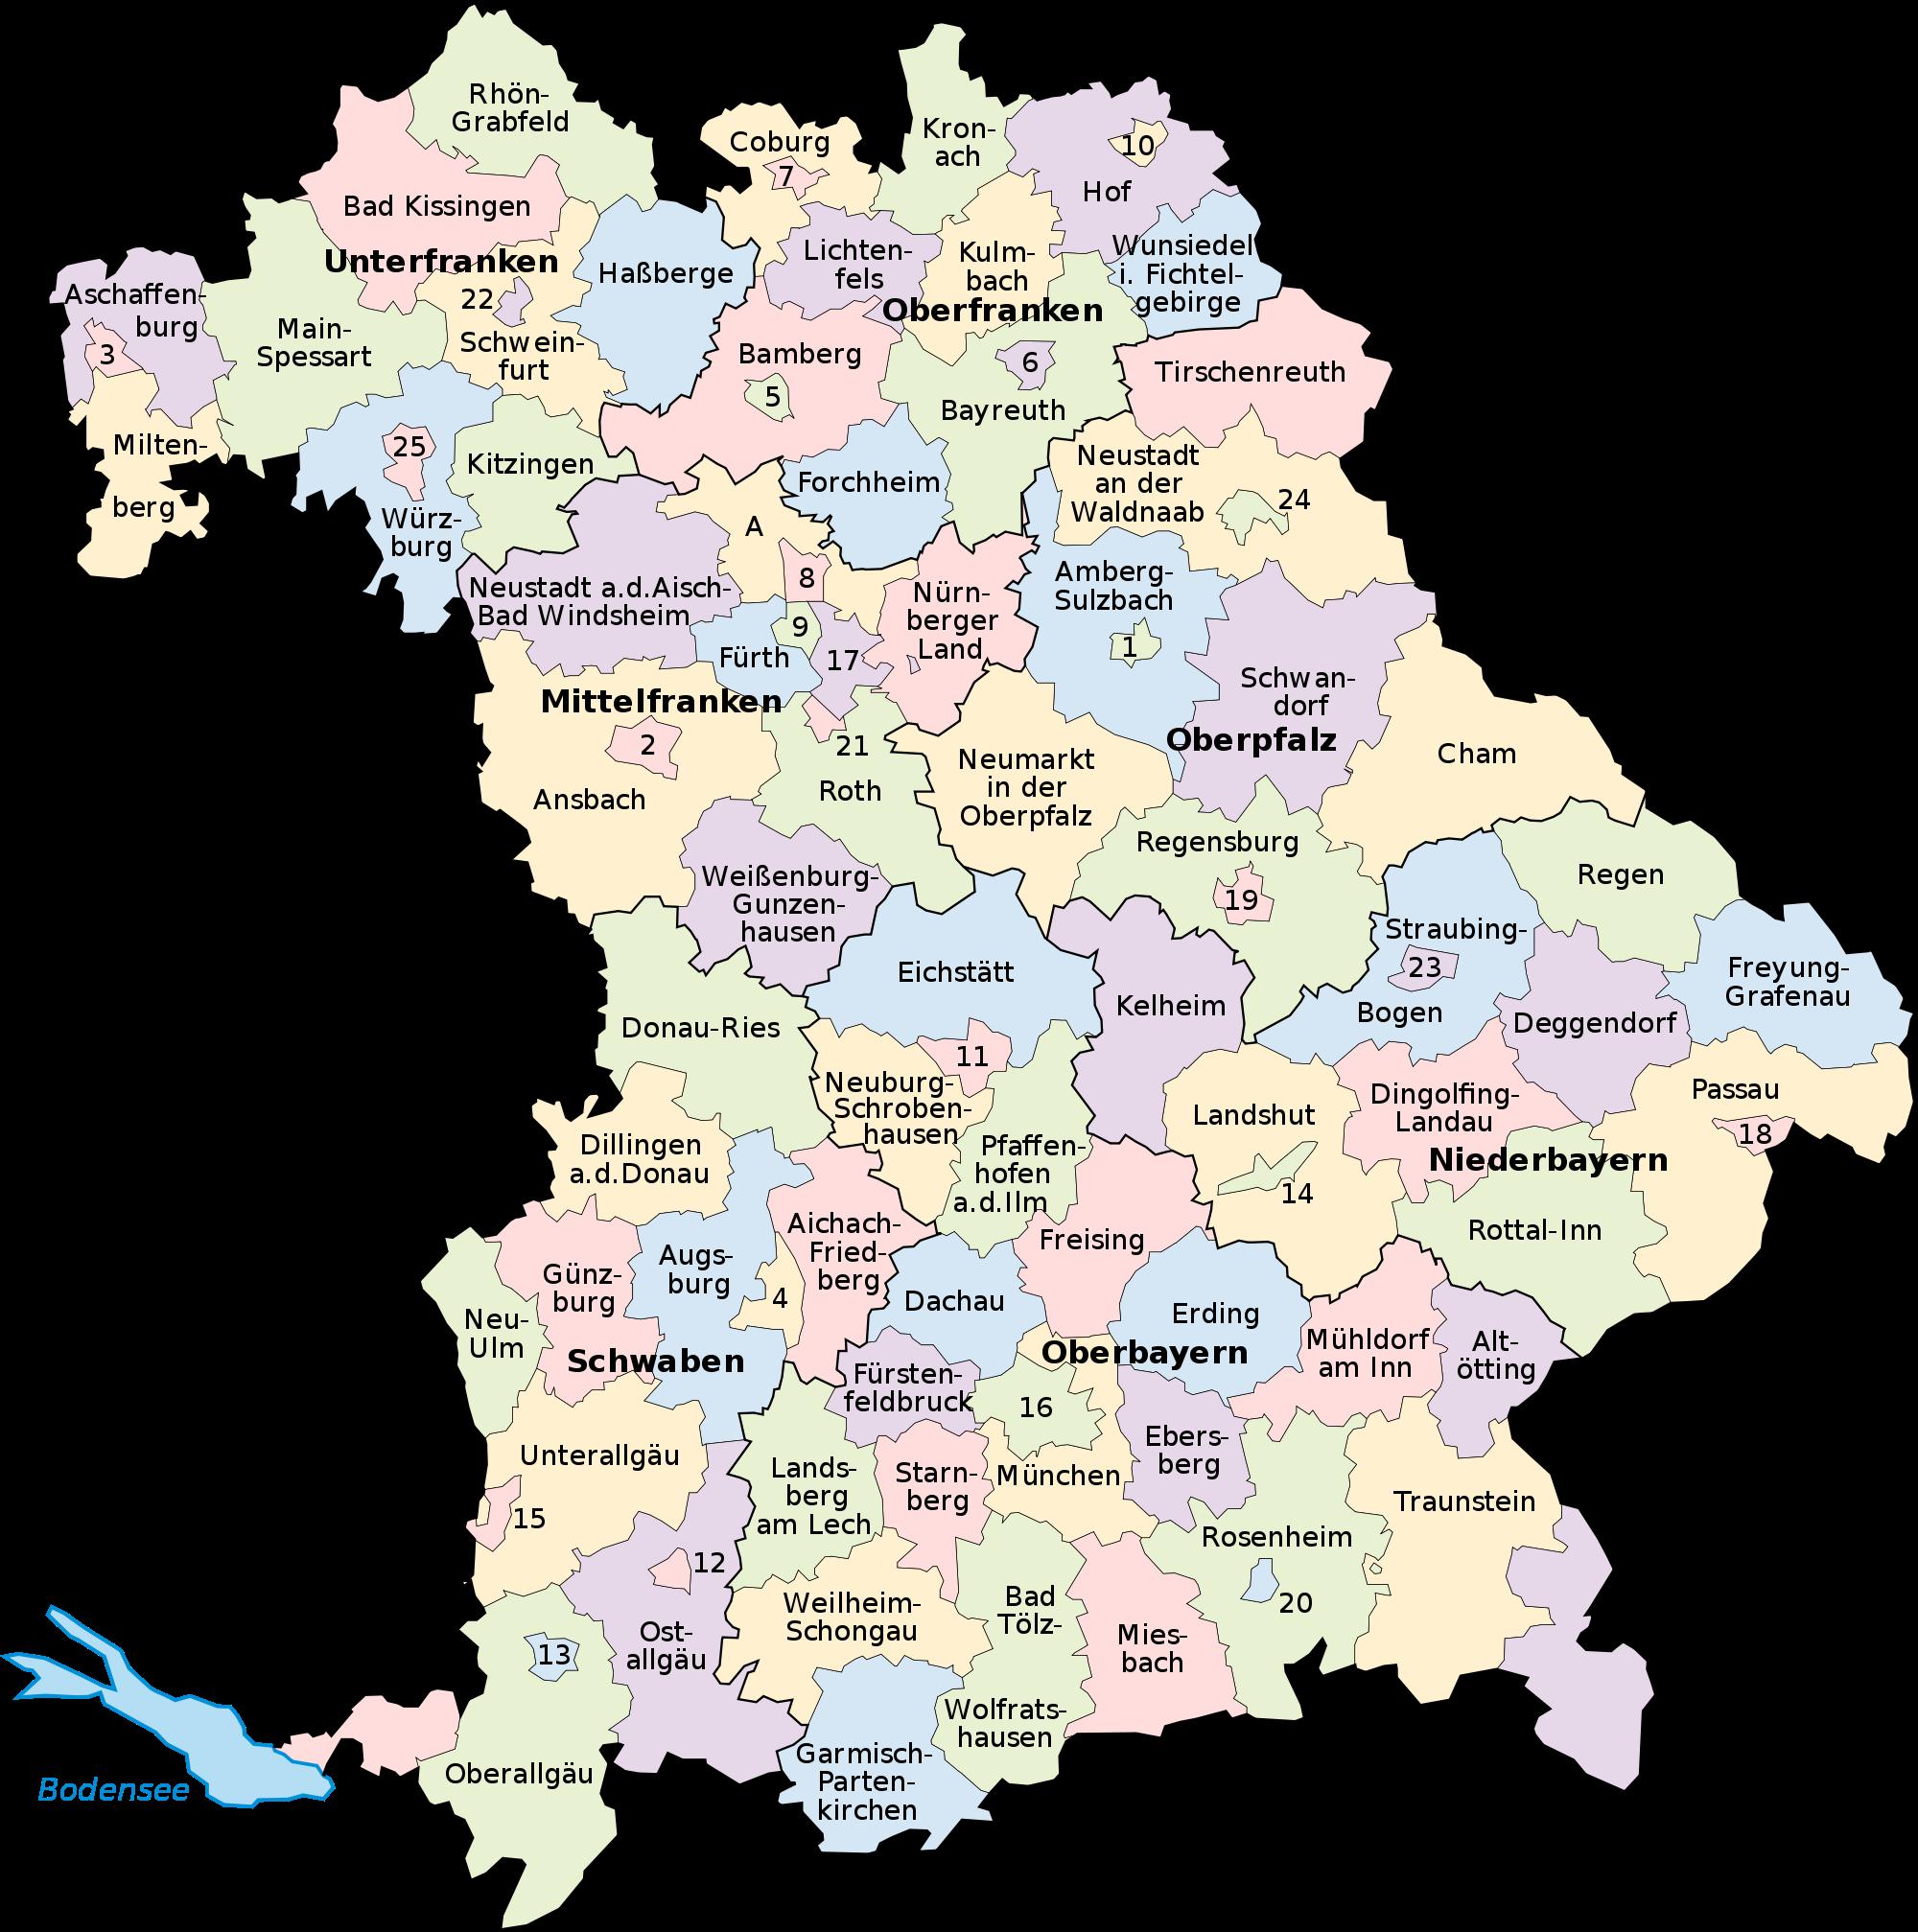 karte bayern regierungsbezirke